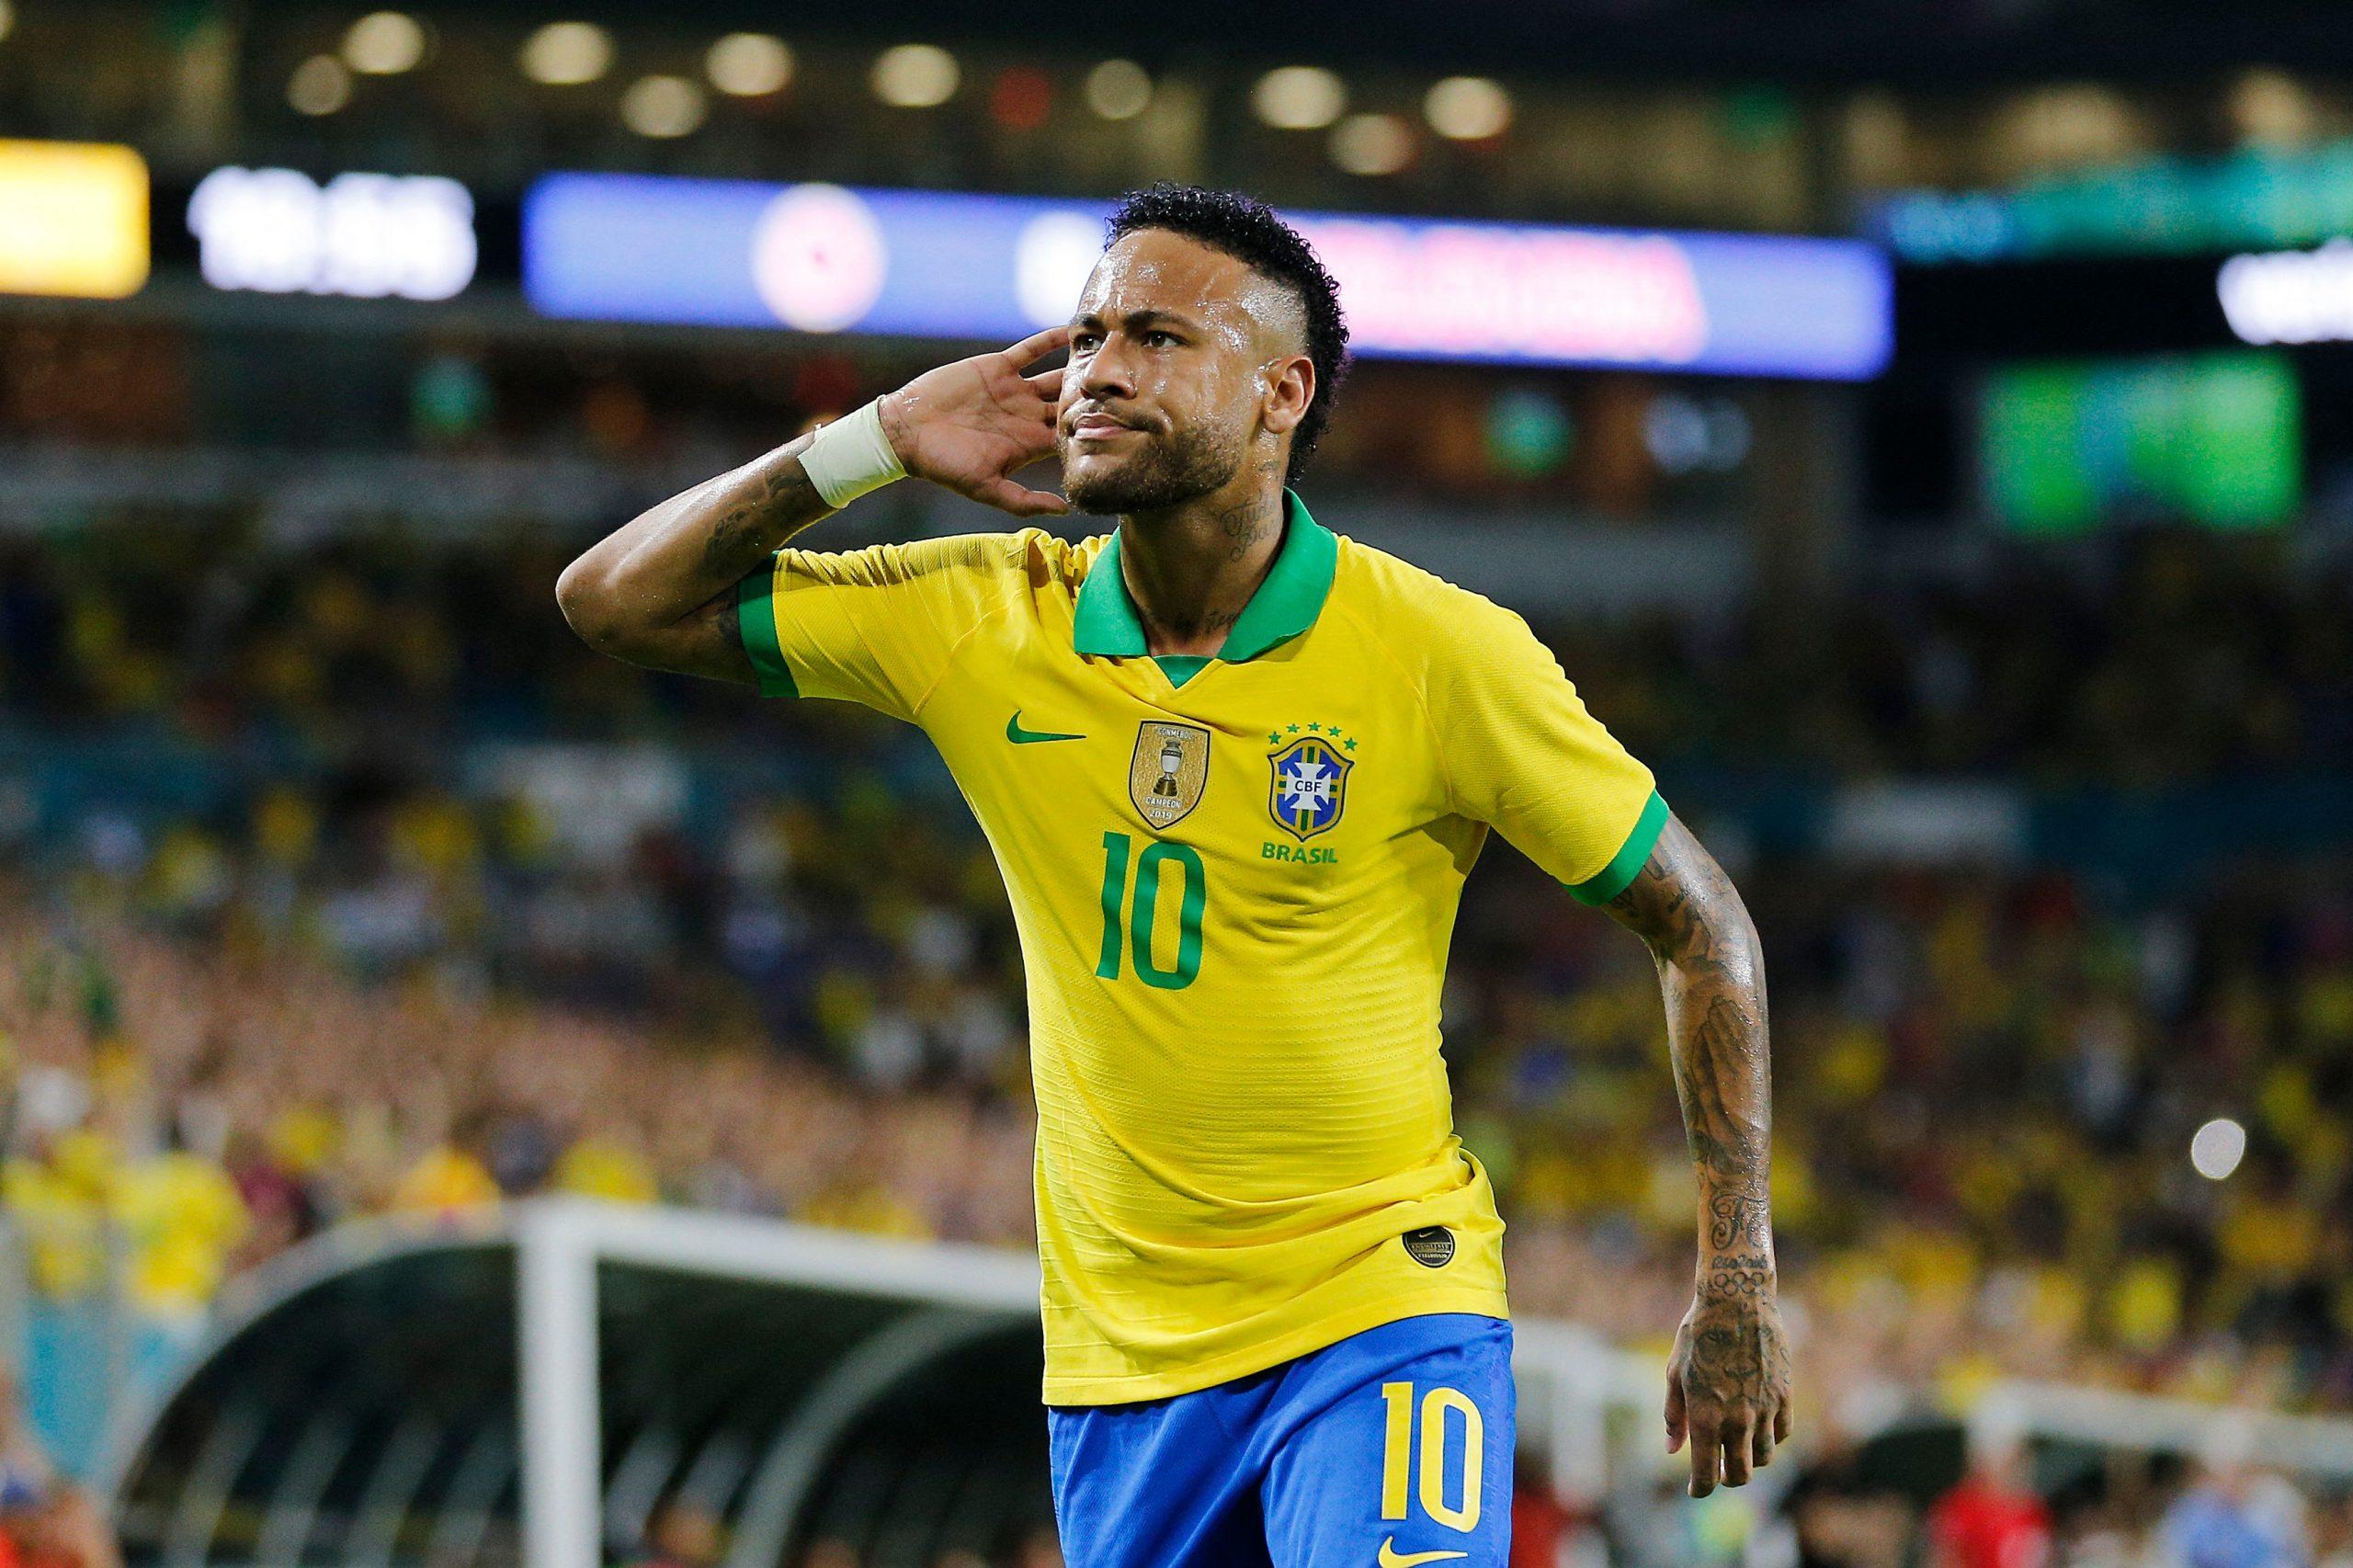 neymar profimedia 0469523016 scaled